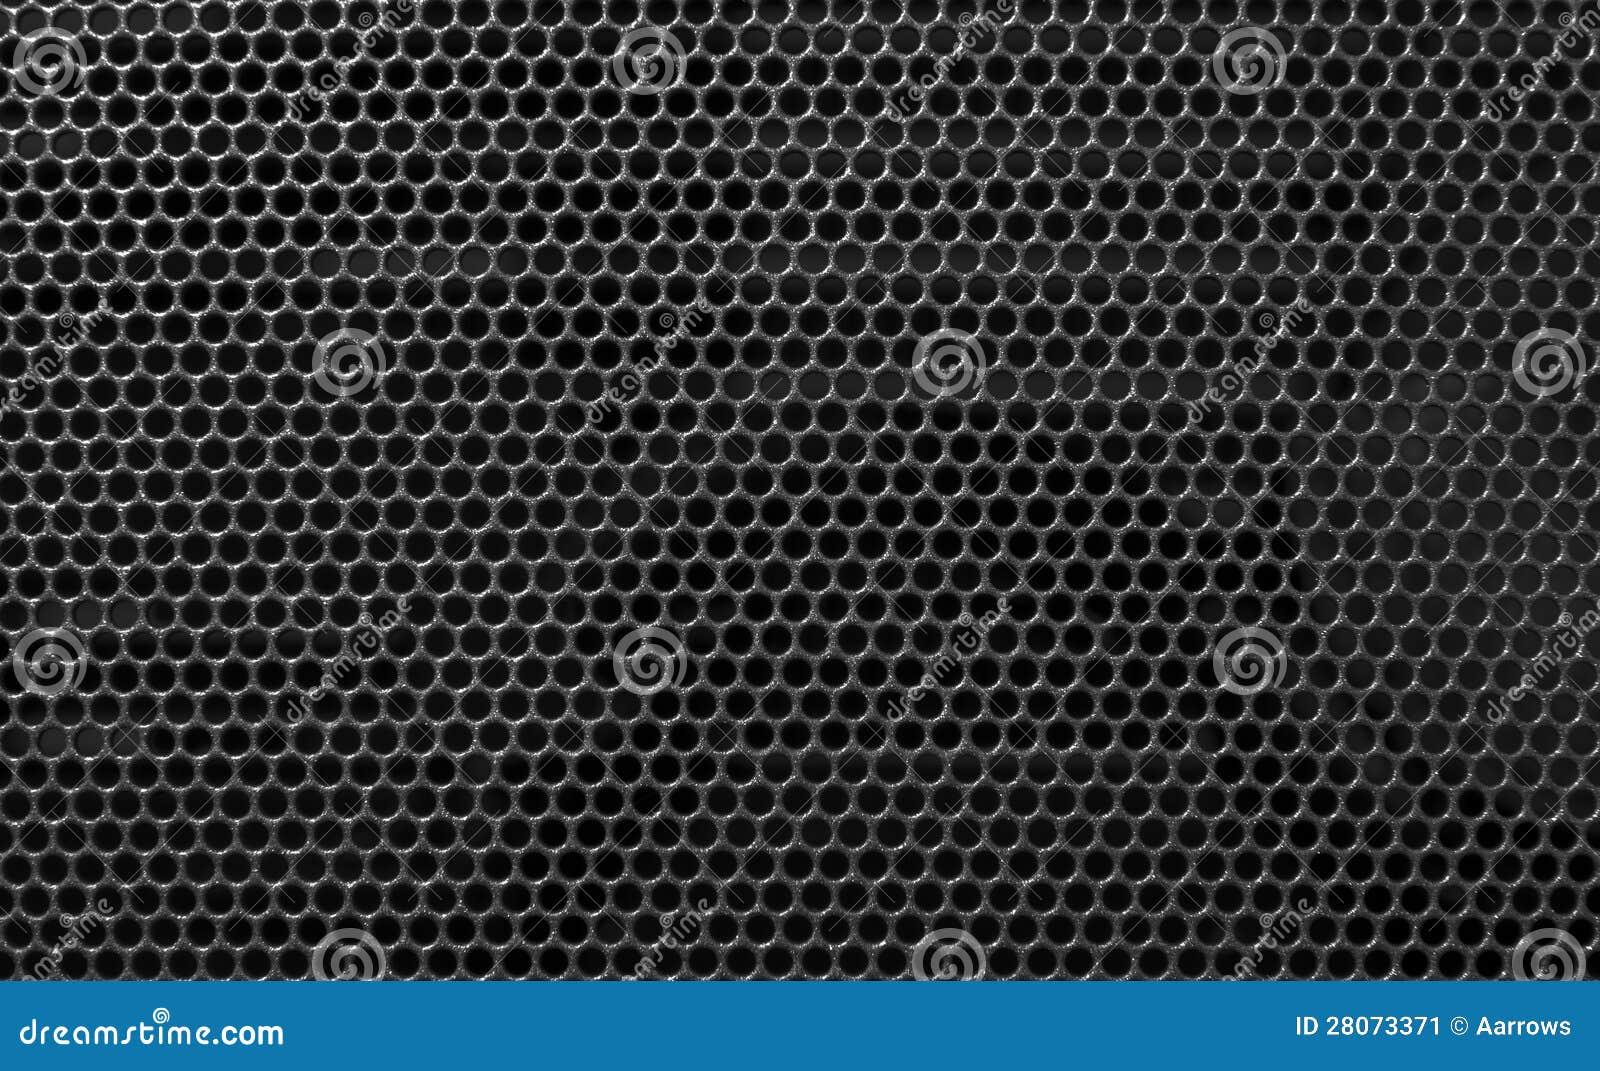 Background Black Hole Stock Image - Image: 28073371